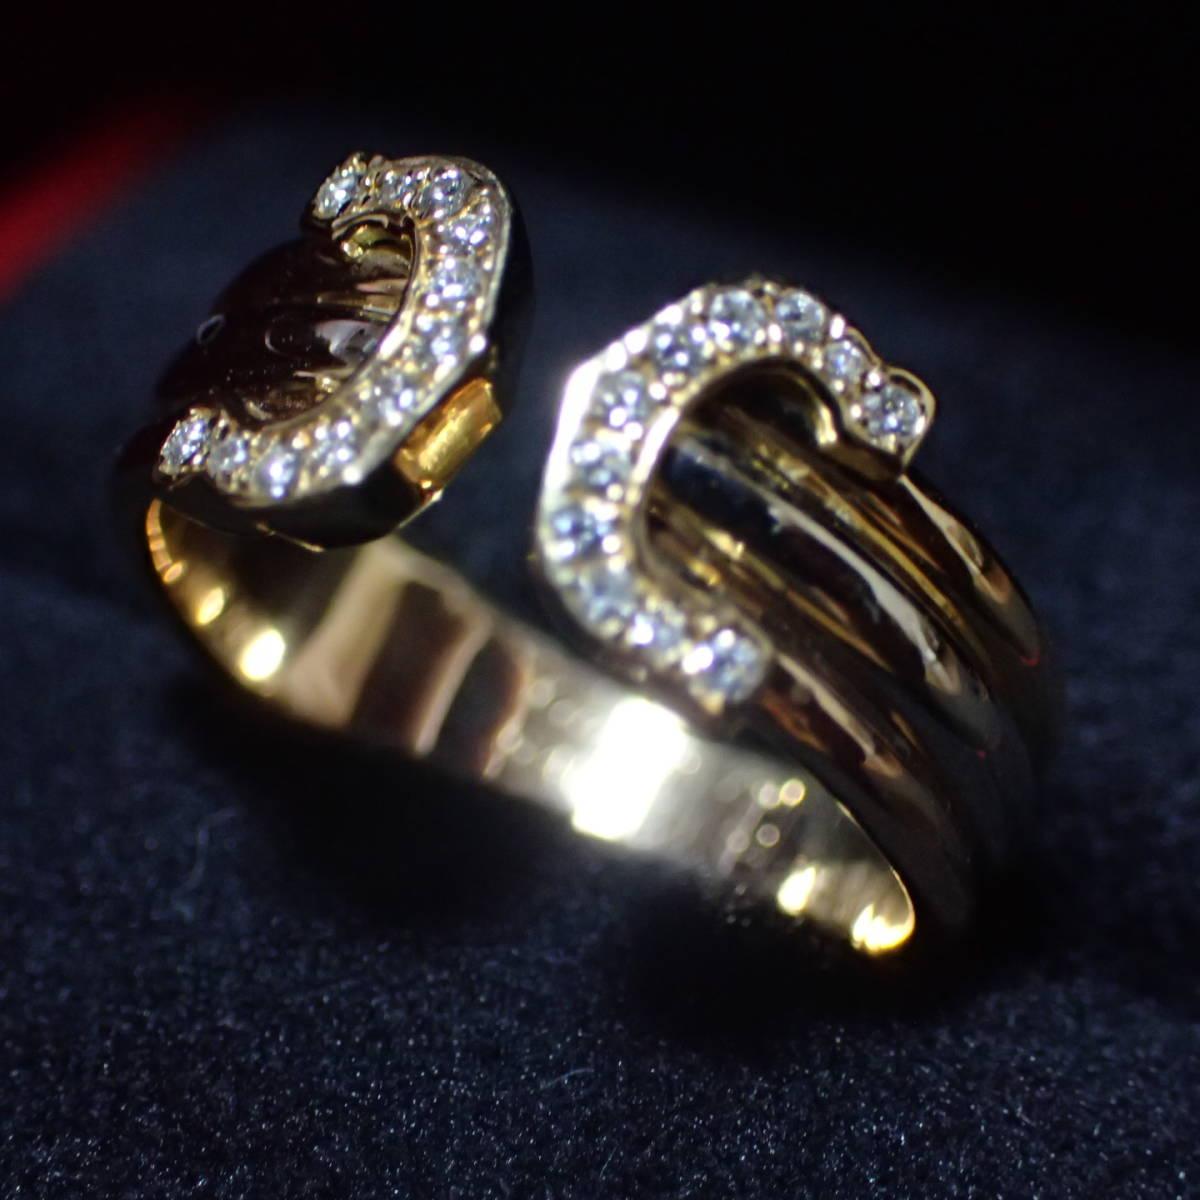 ★人気★【カルティエリング】 CARTIER 2Cモチーフリング ダイヤ K18 3カラー(新古品):日本サイズ12号:磨き済:_画像3